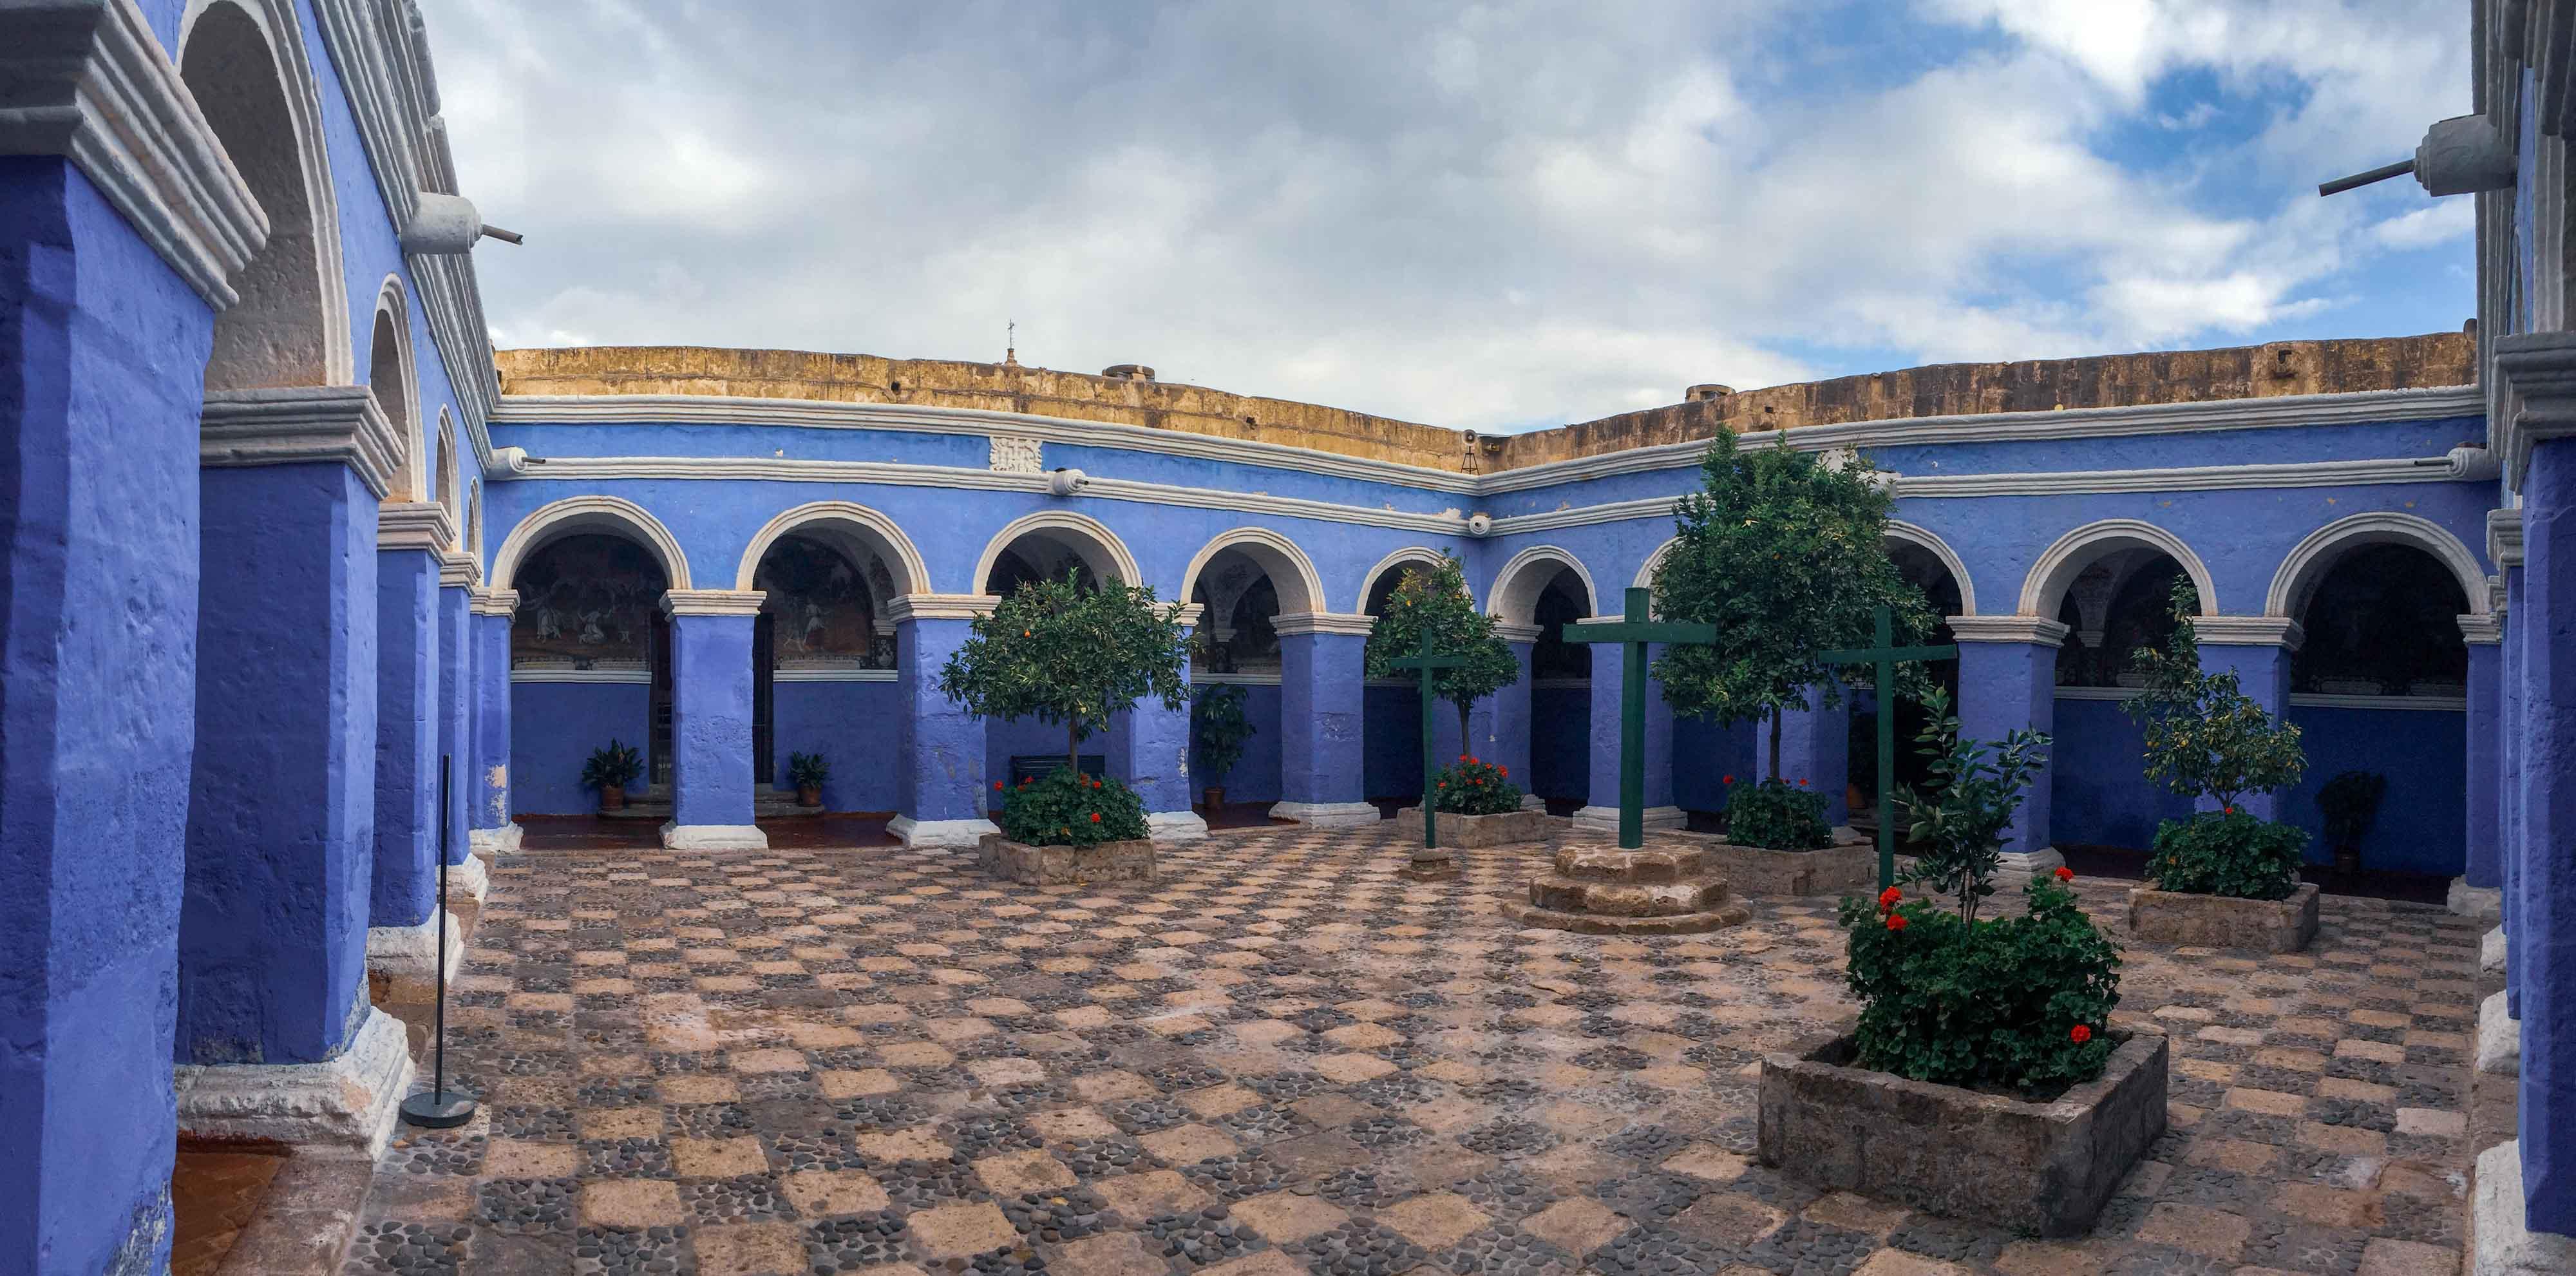 La cour intérieure et ses magnifiques arcades